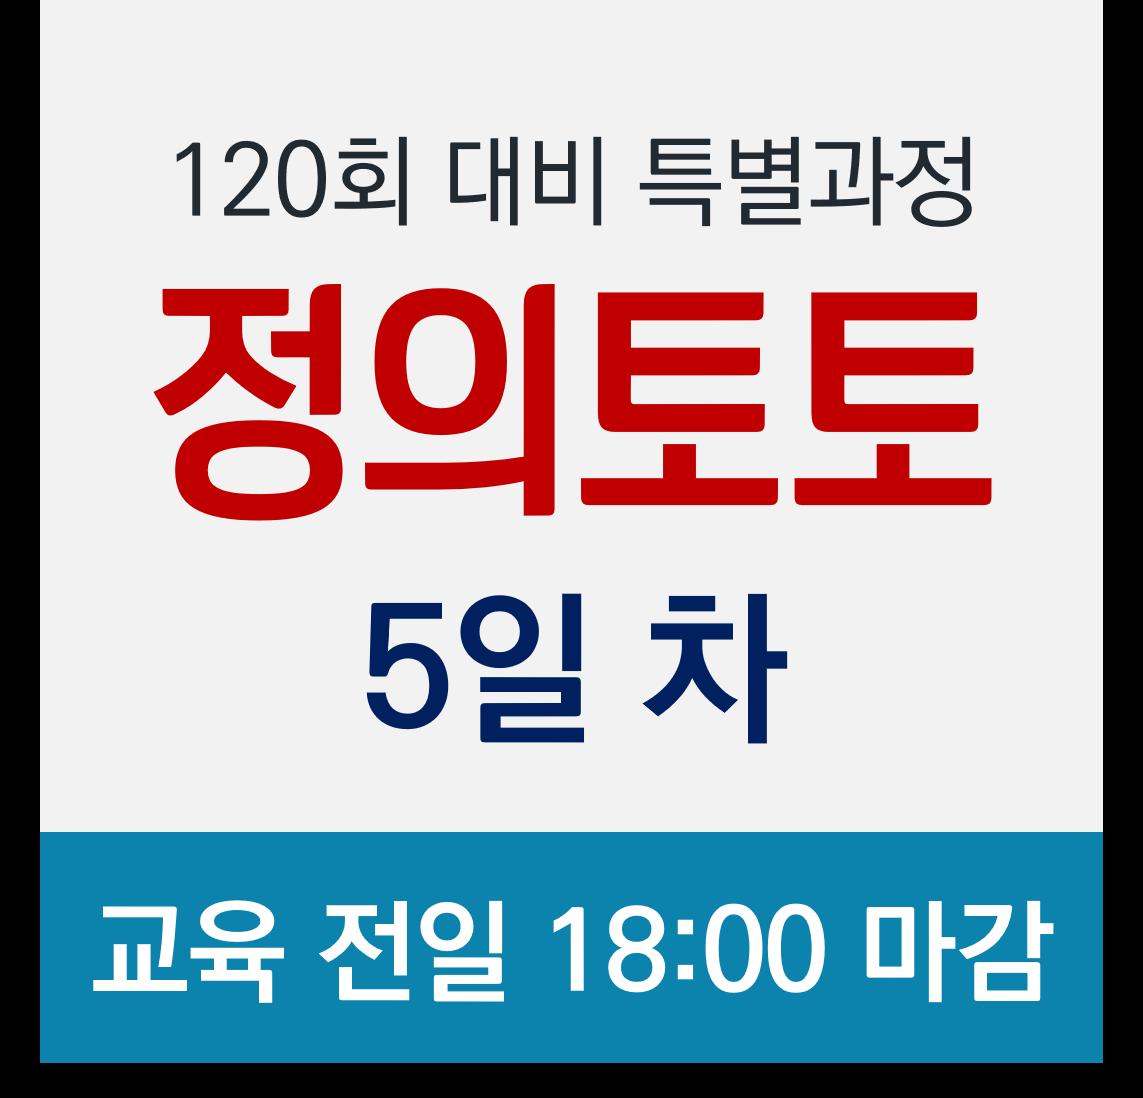 [정의토토] 120회 정보처리기술사 특별과정 2020.01.20(월) / 5일 차